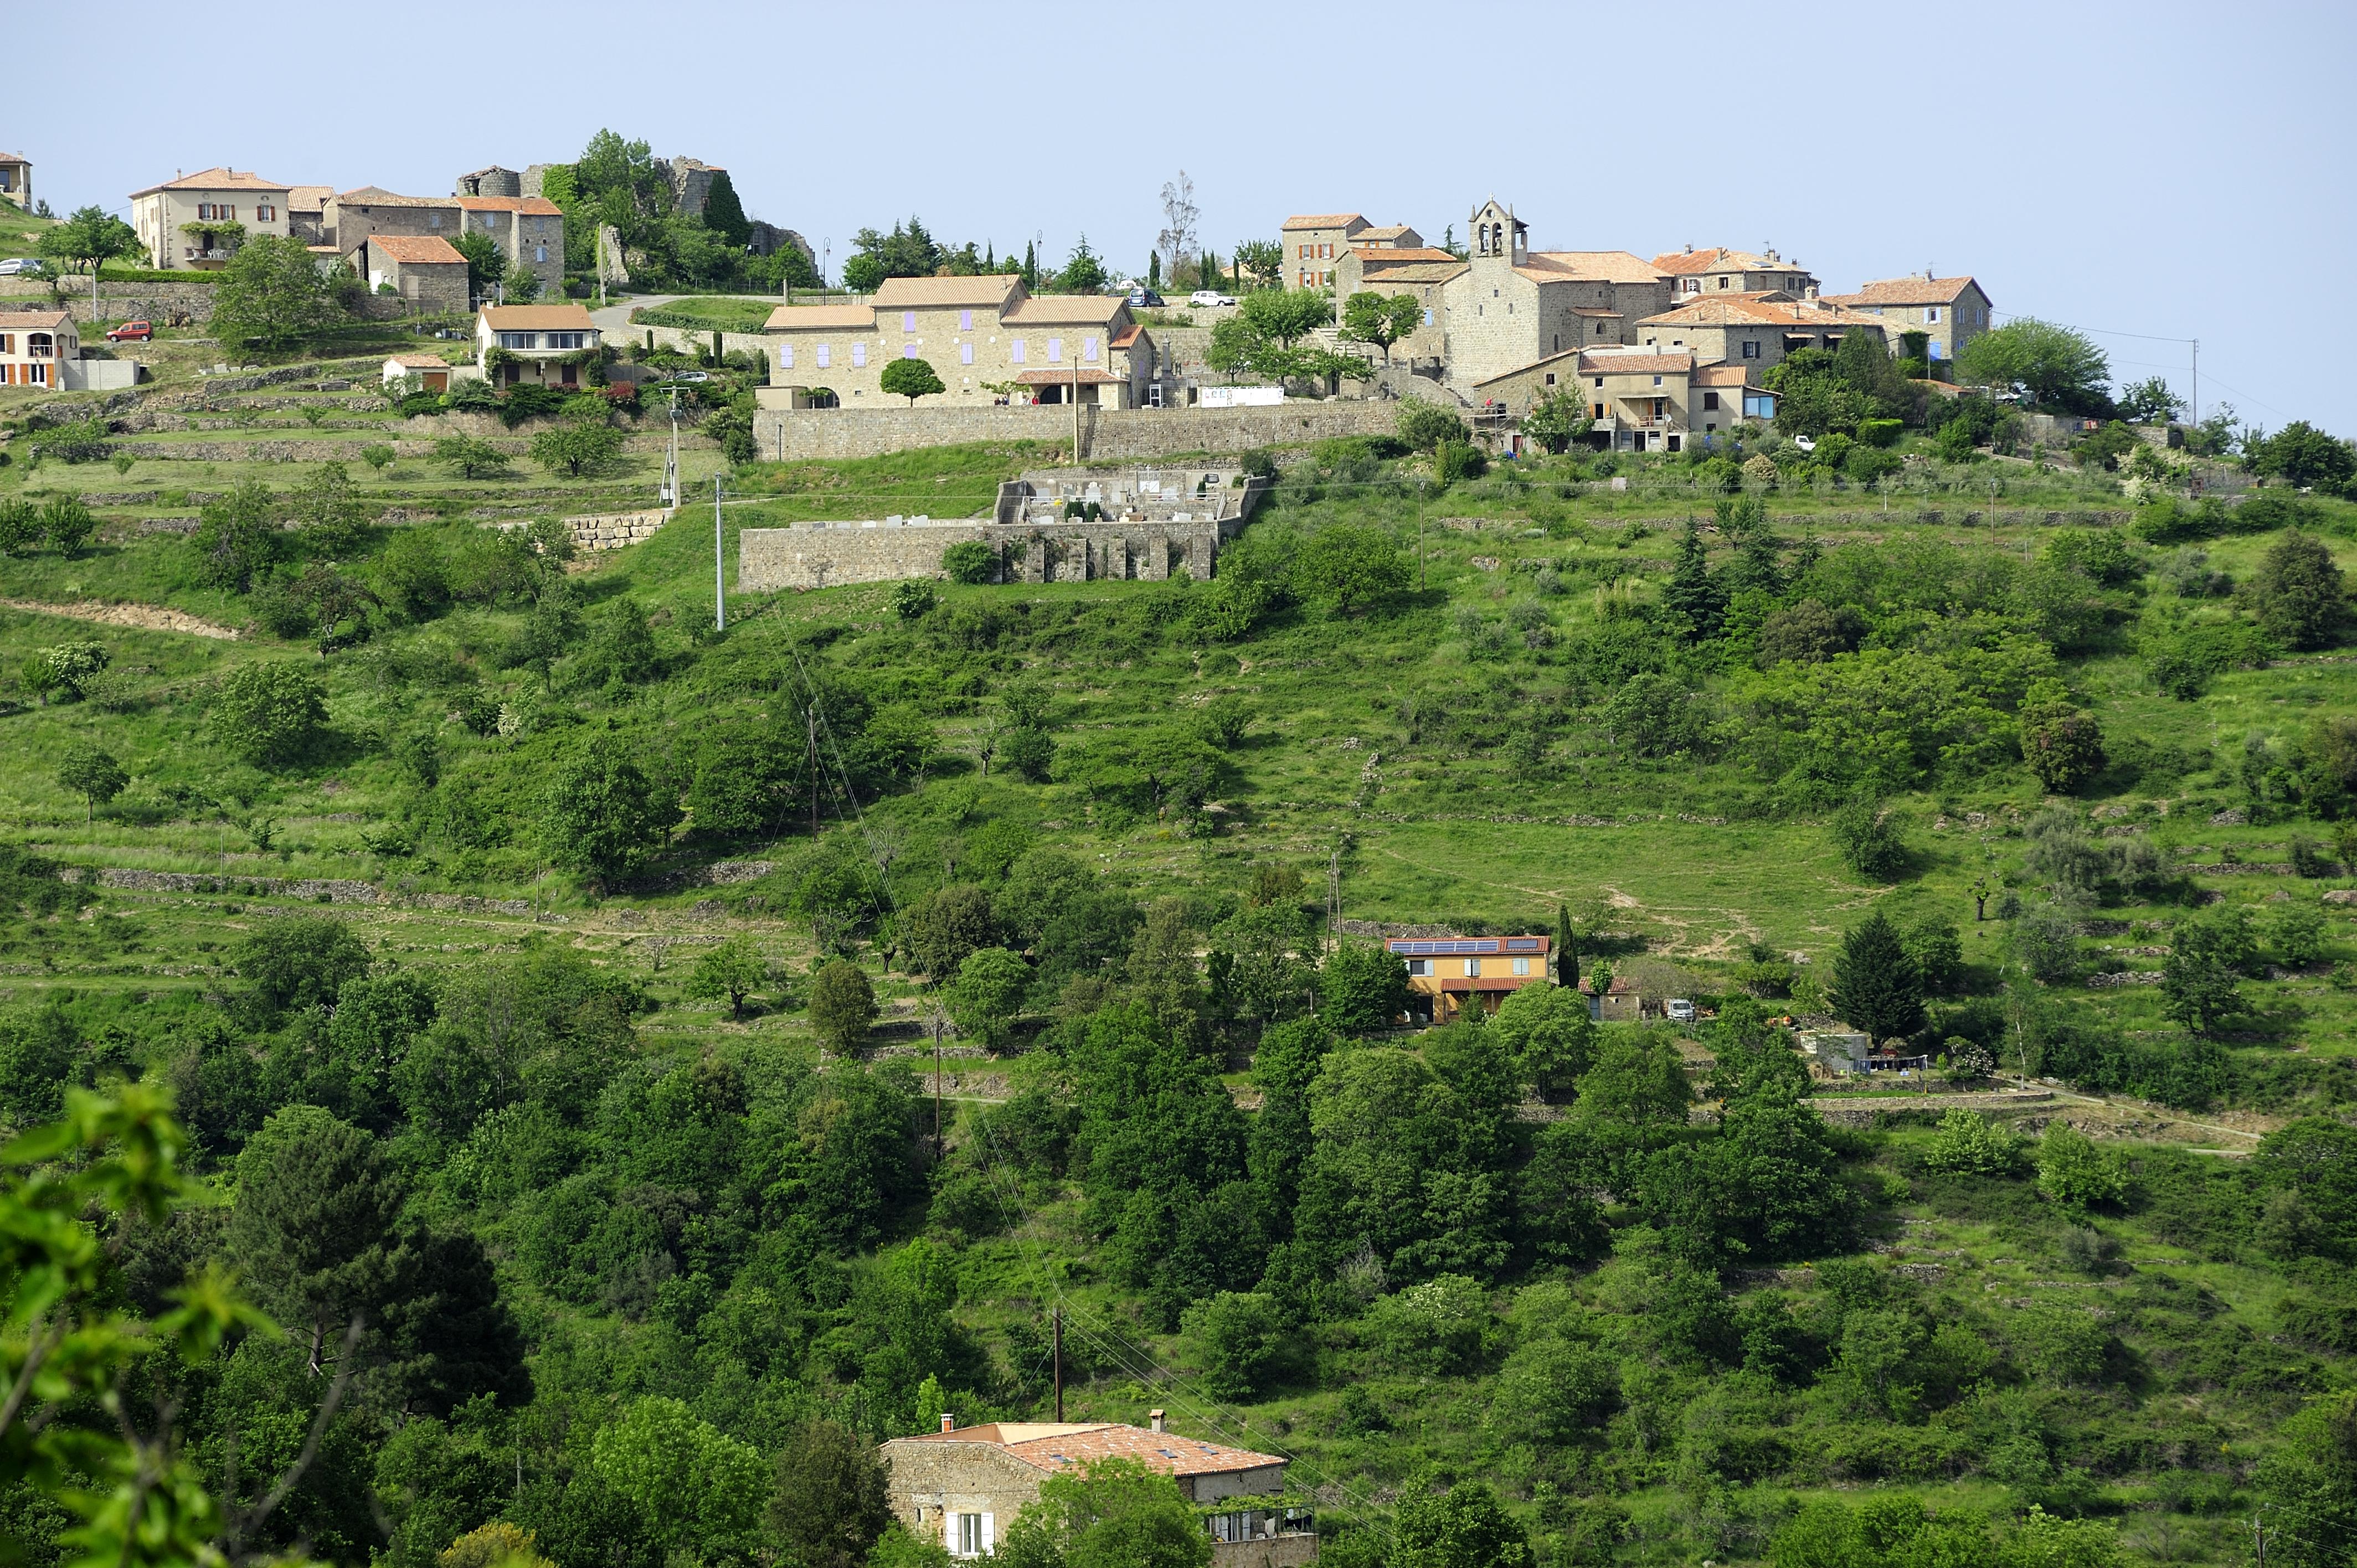 Chazeau village